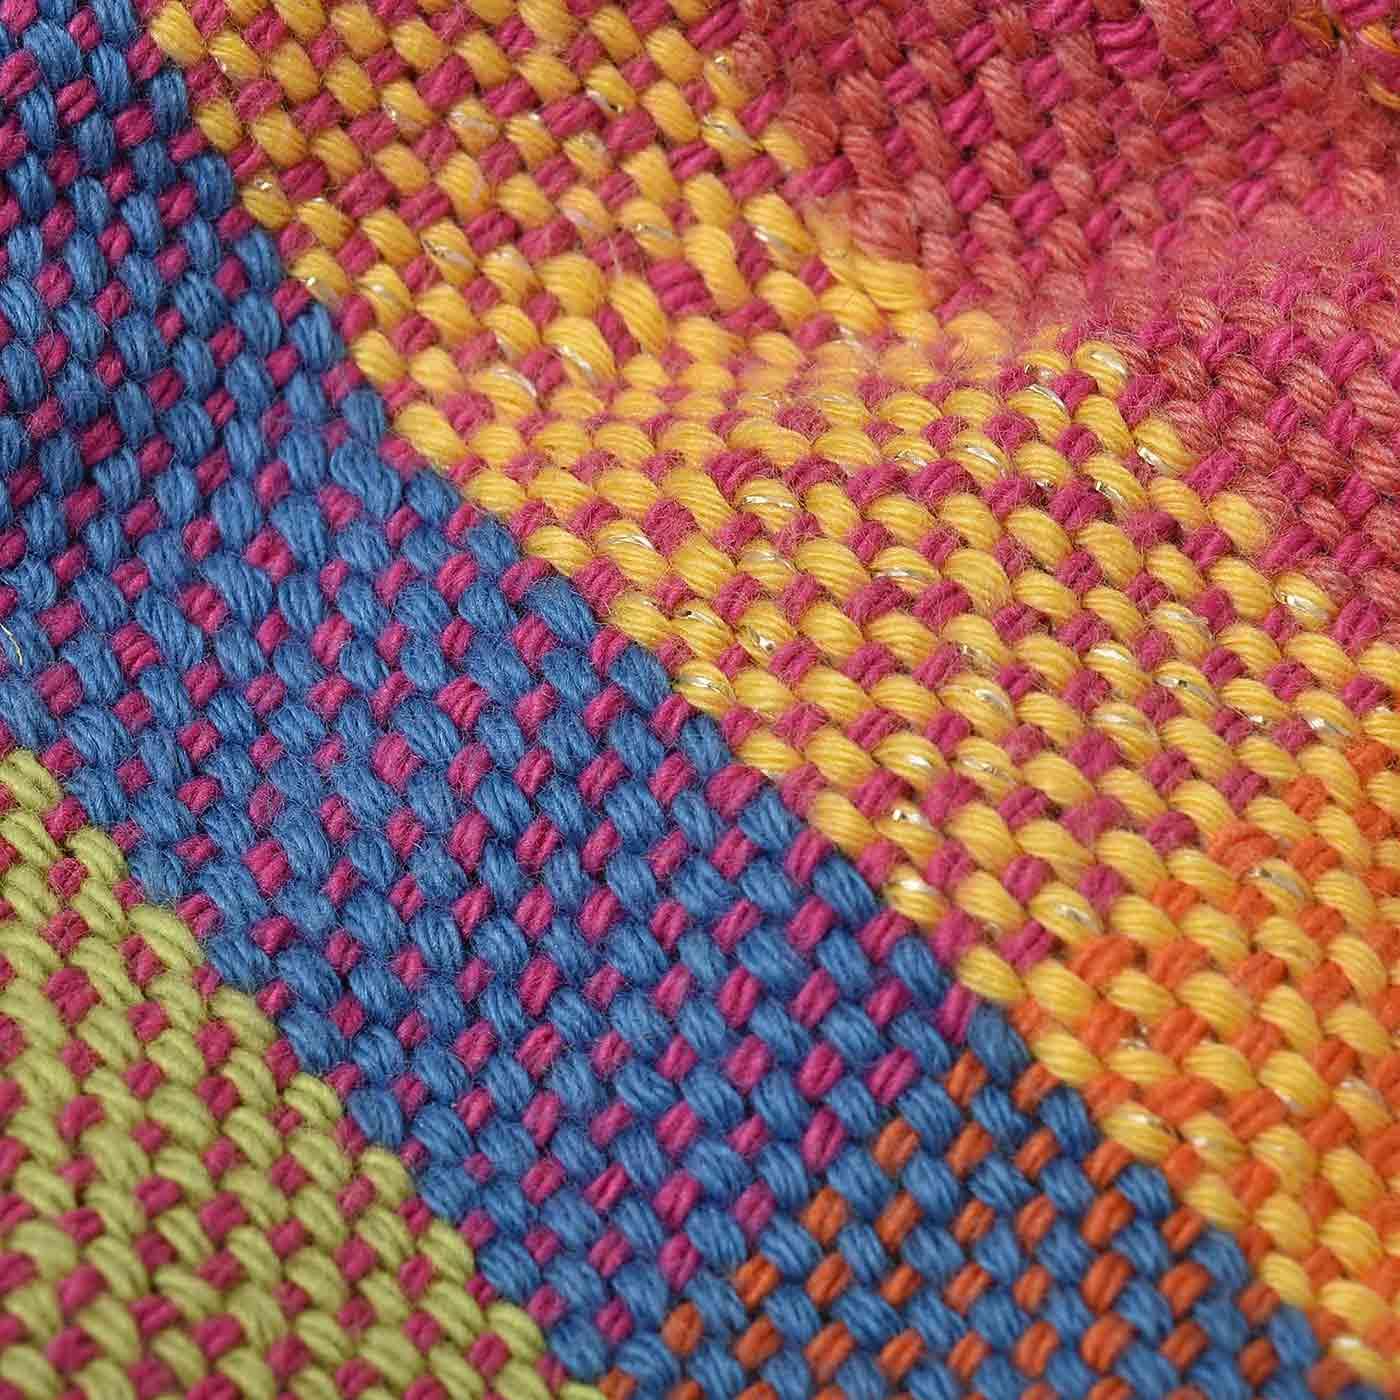 「さをり織り」部分は全国のチャレンジドの自由な作品からセレクトしました。ひとつひとつが個性的です。